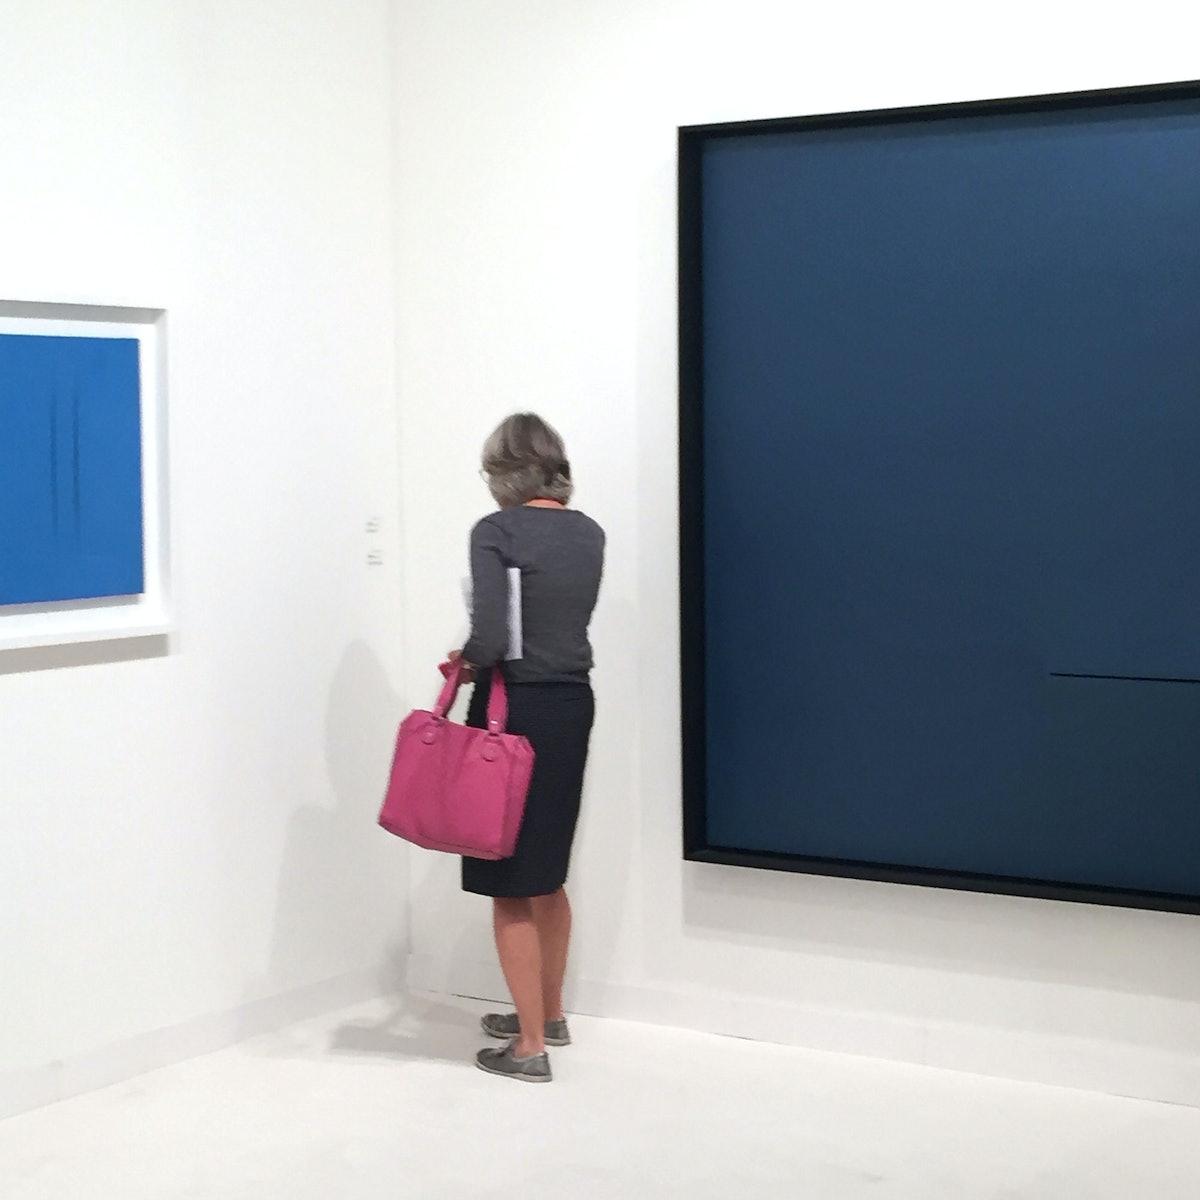 Paolo Scheggi at Tornabuoni Art